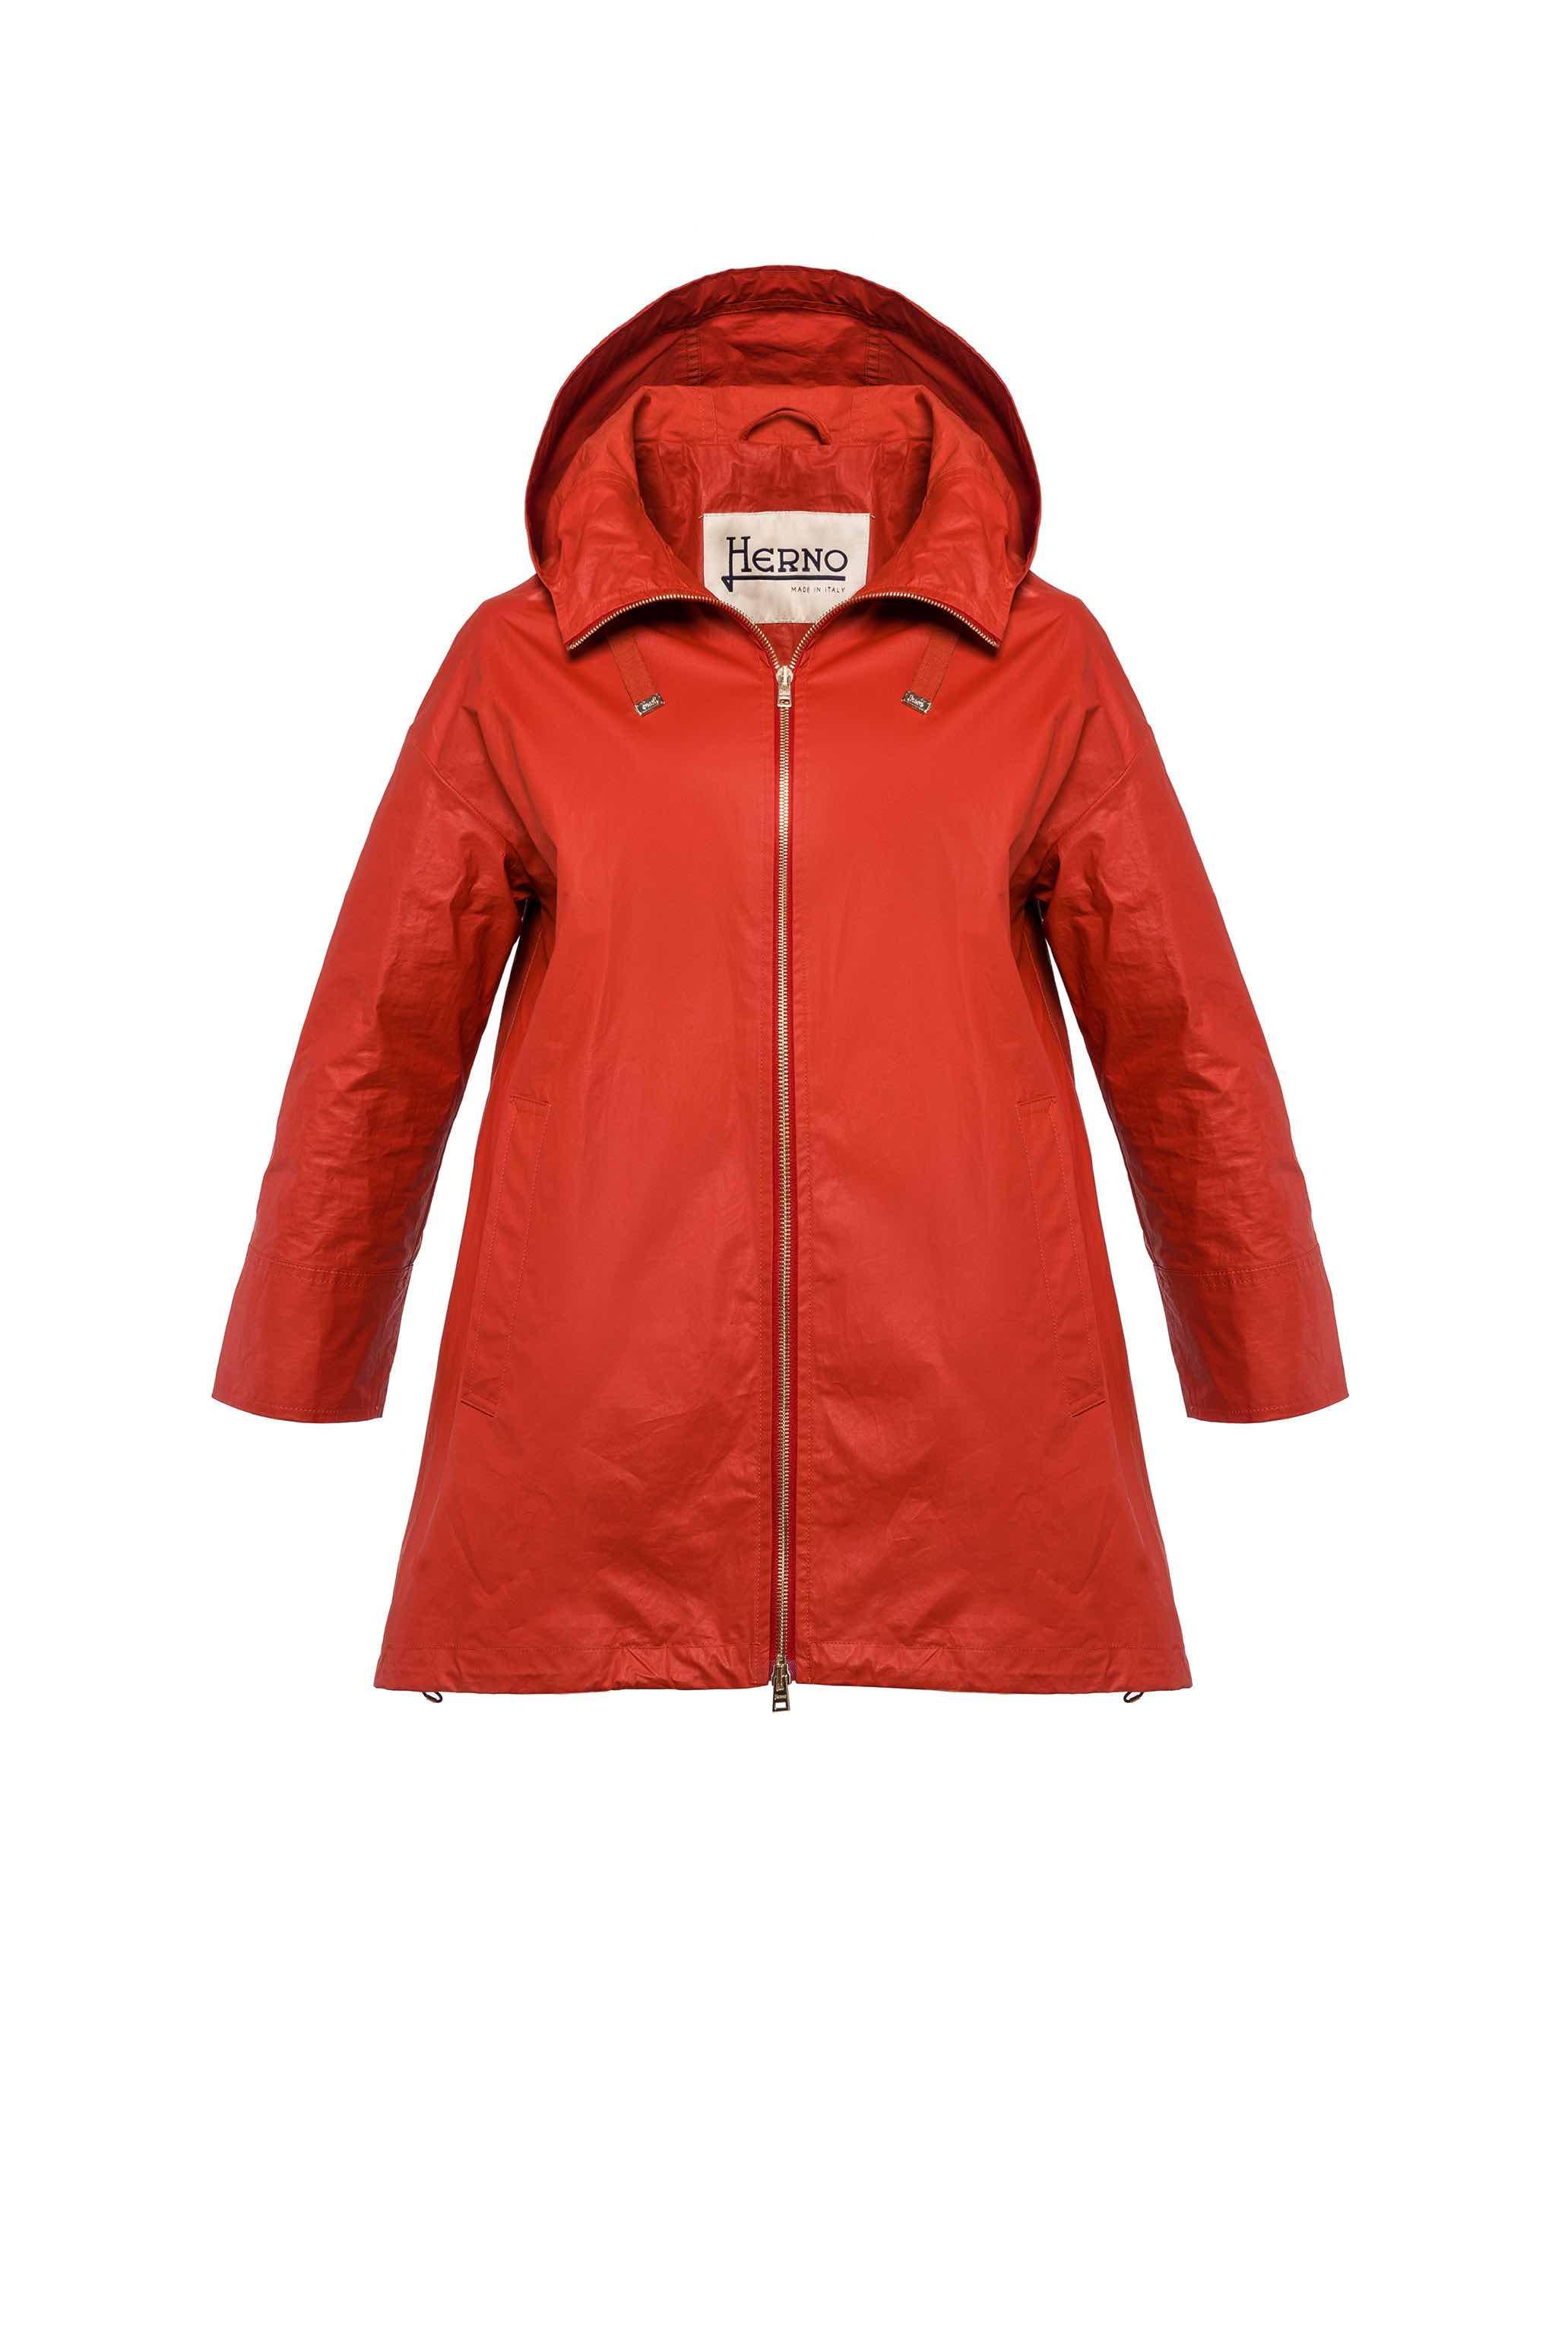 l'inconfondibile forma ad A caratterizza la giacca con maniche a 3/4 in cotone spalmato realizzato in brillanti colori primaverili, accessoriata da cappuccio e coulisse regolabili